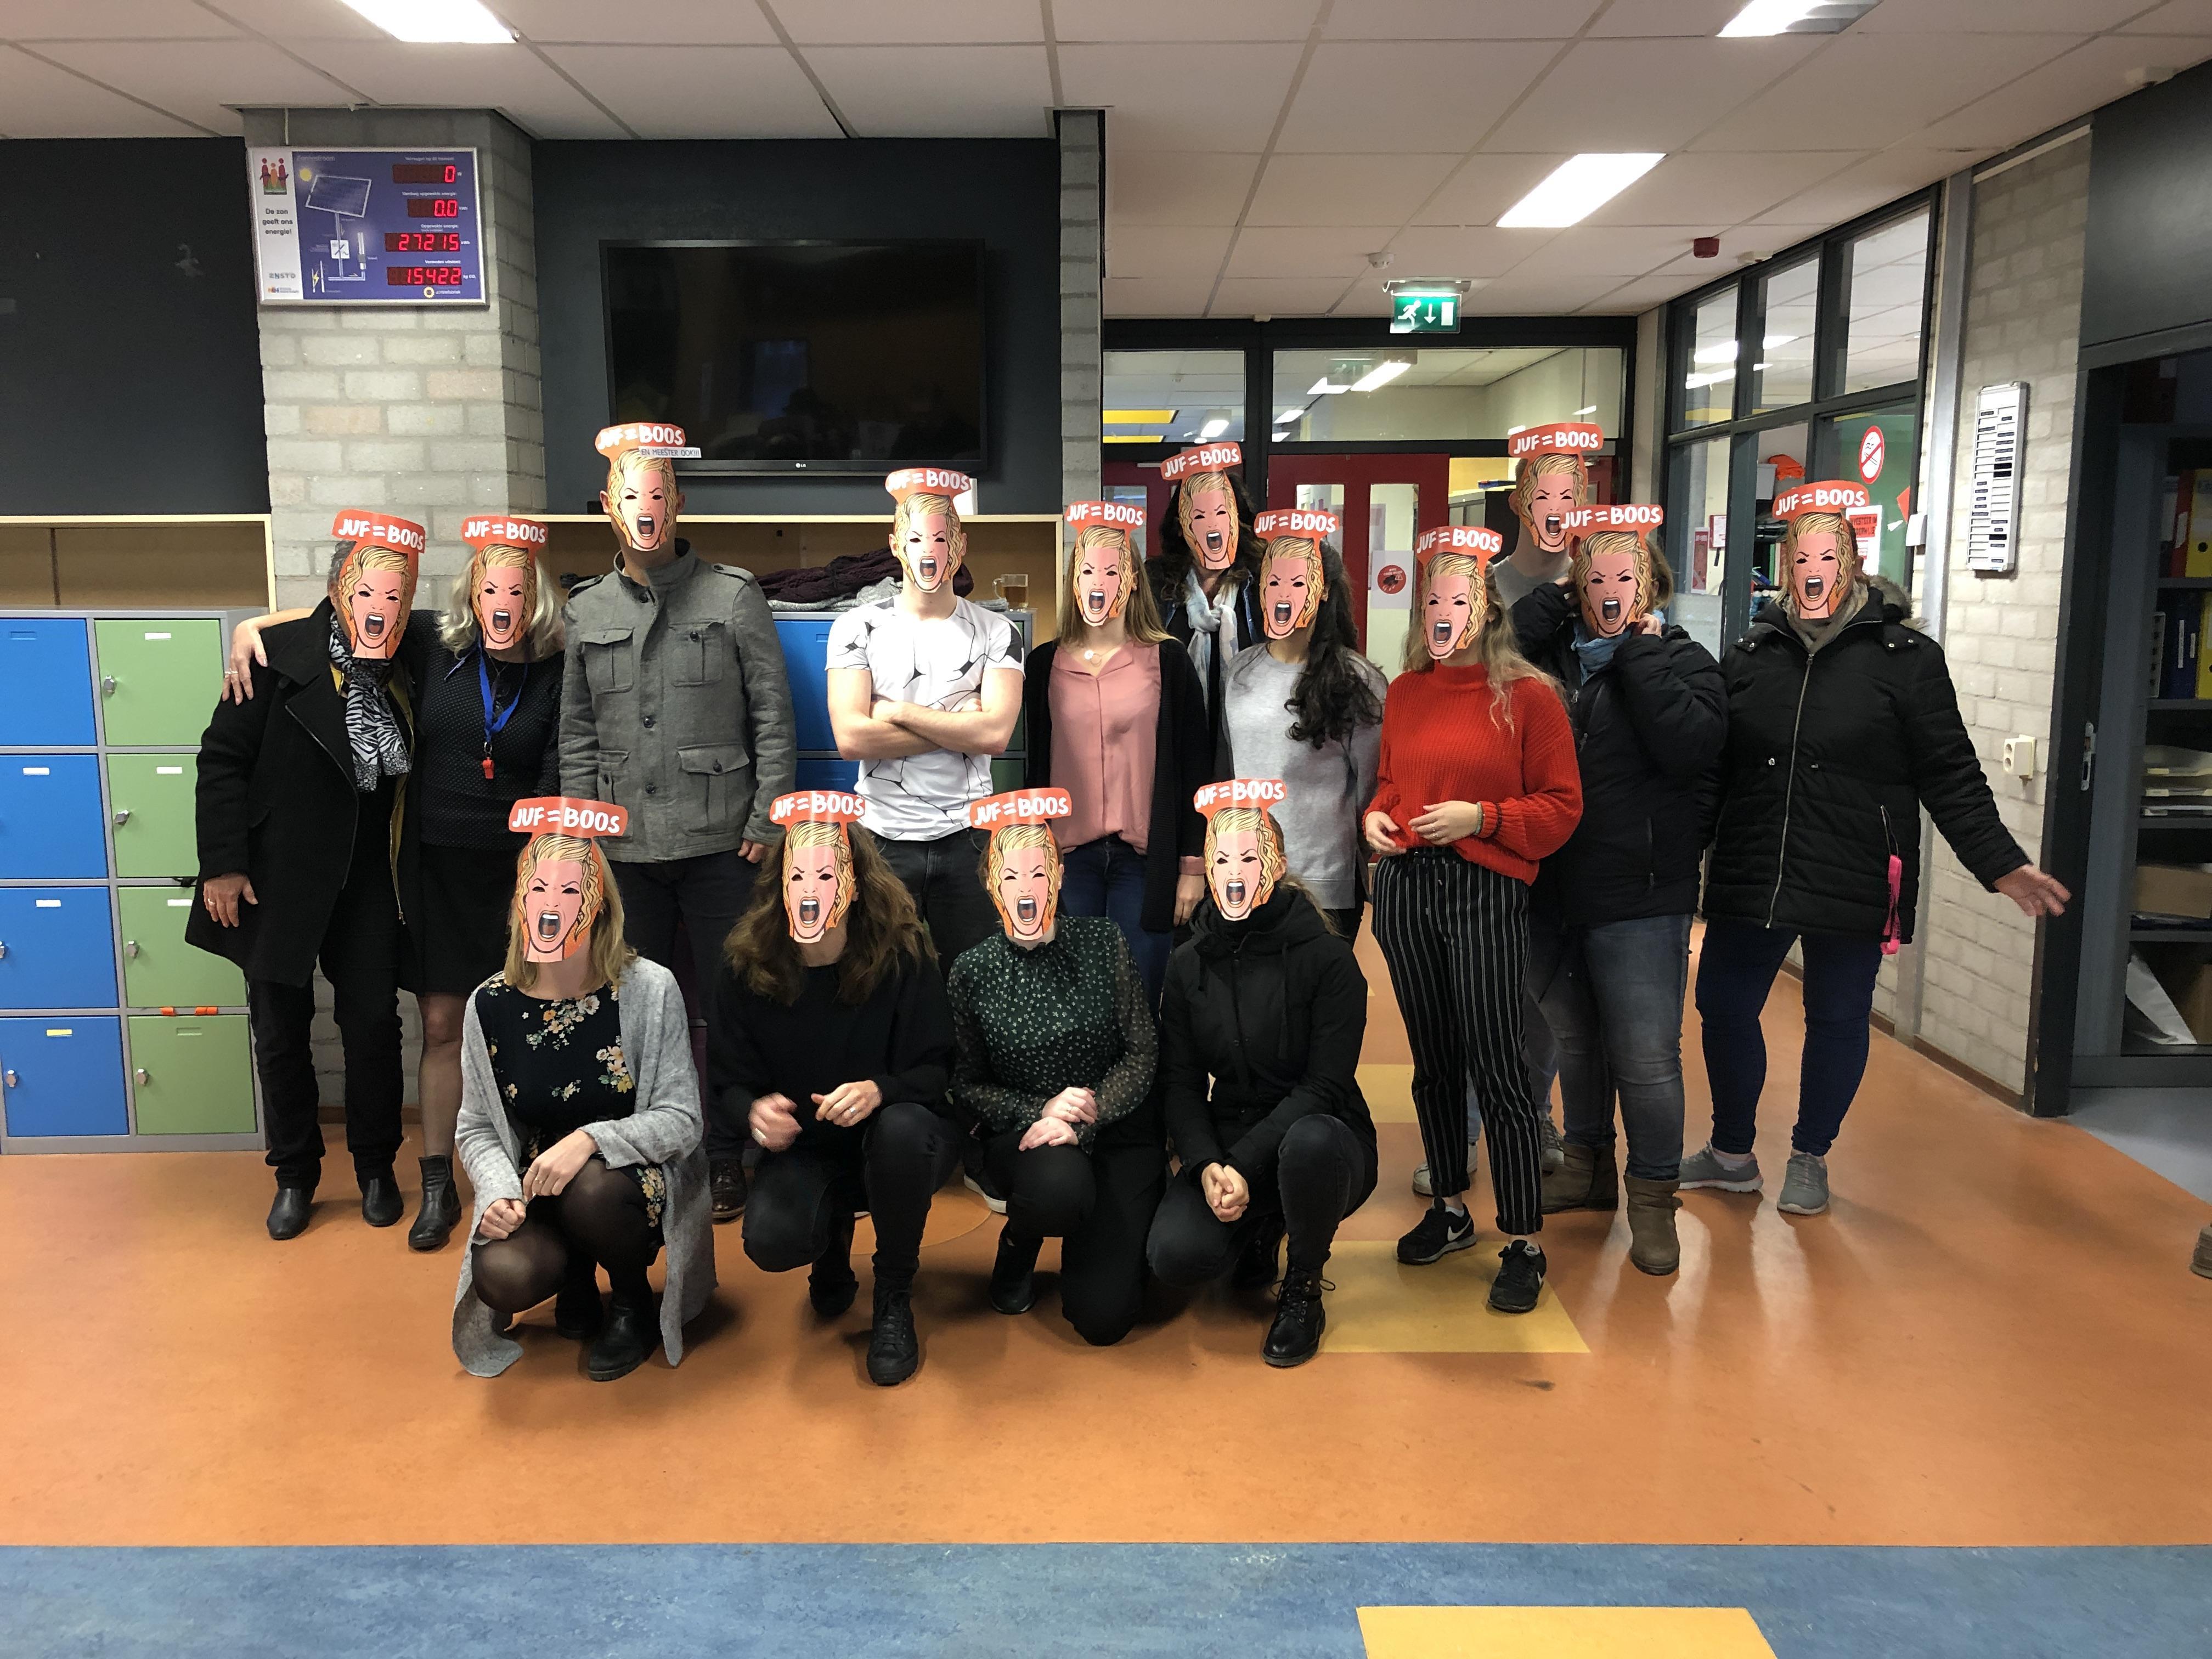 Lawaaiprotest op basisschool het Eiland in Zaandam is start actieweek onderwijs [video]